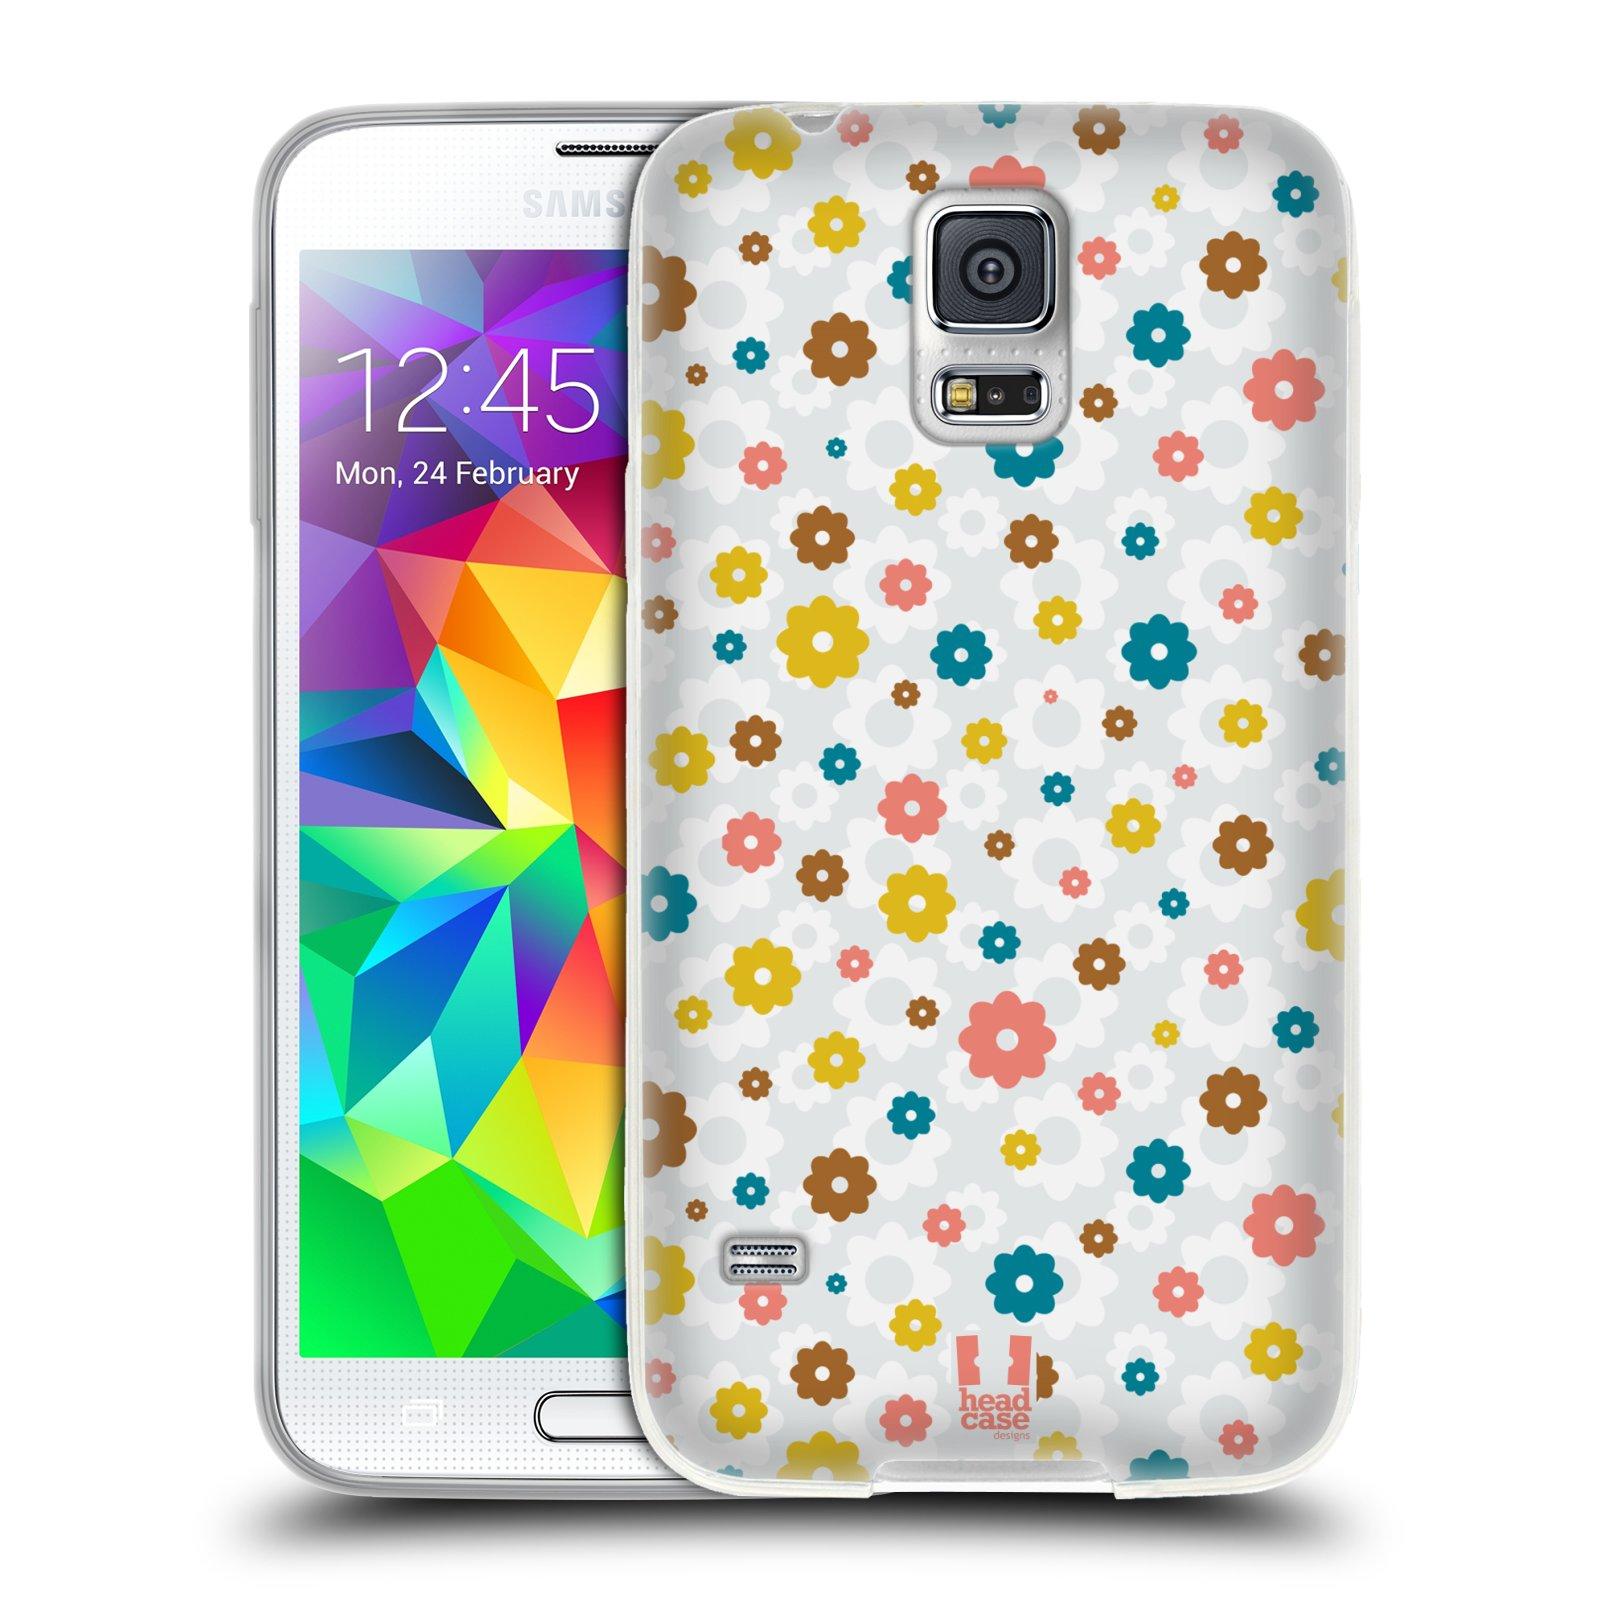 Silikonové pouzdro na mobil Samsung Galaxy S5 HEAD CASE BAREVNÉ KVÍTKY NA BÍLÉ (Silikonový kryt či obal na mobilní telefon Samsung Galaxy S5 SM-G900F)